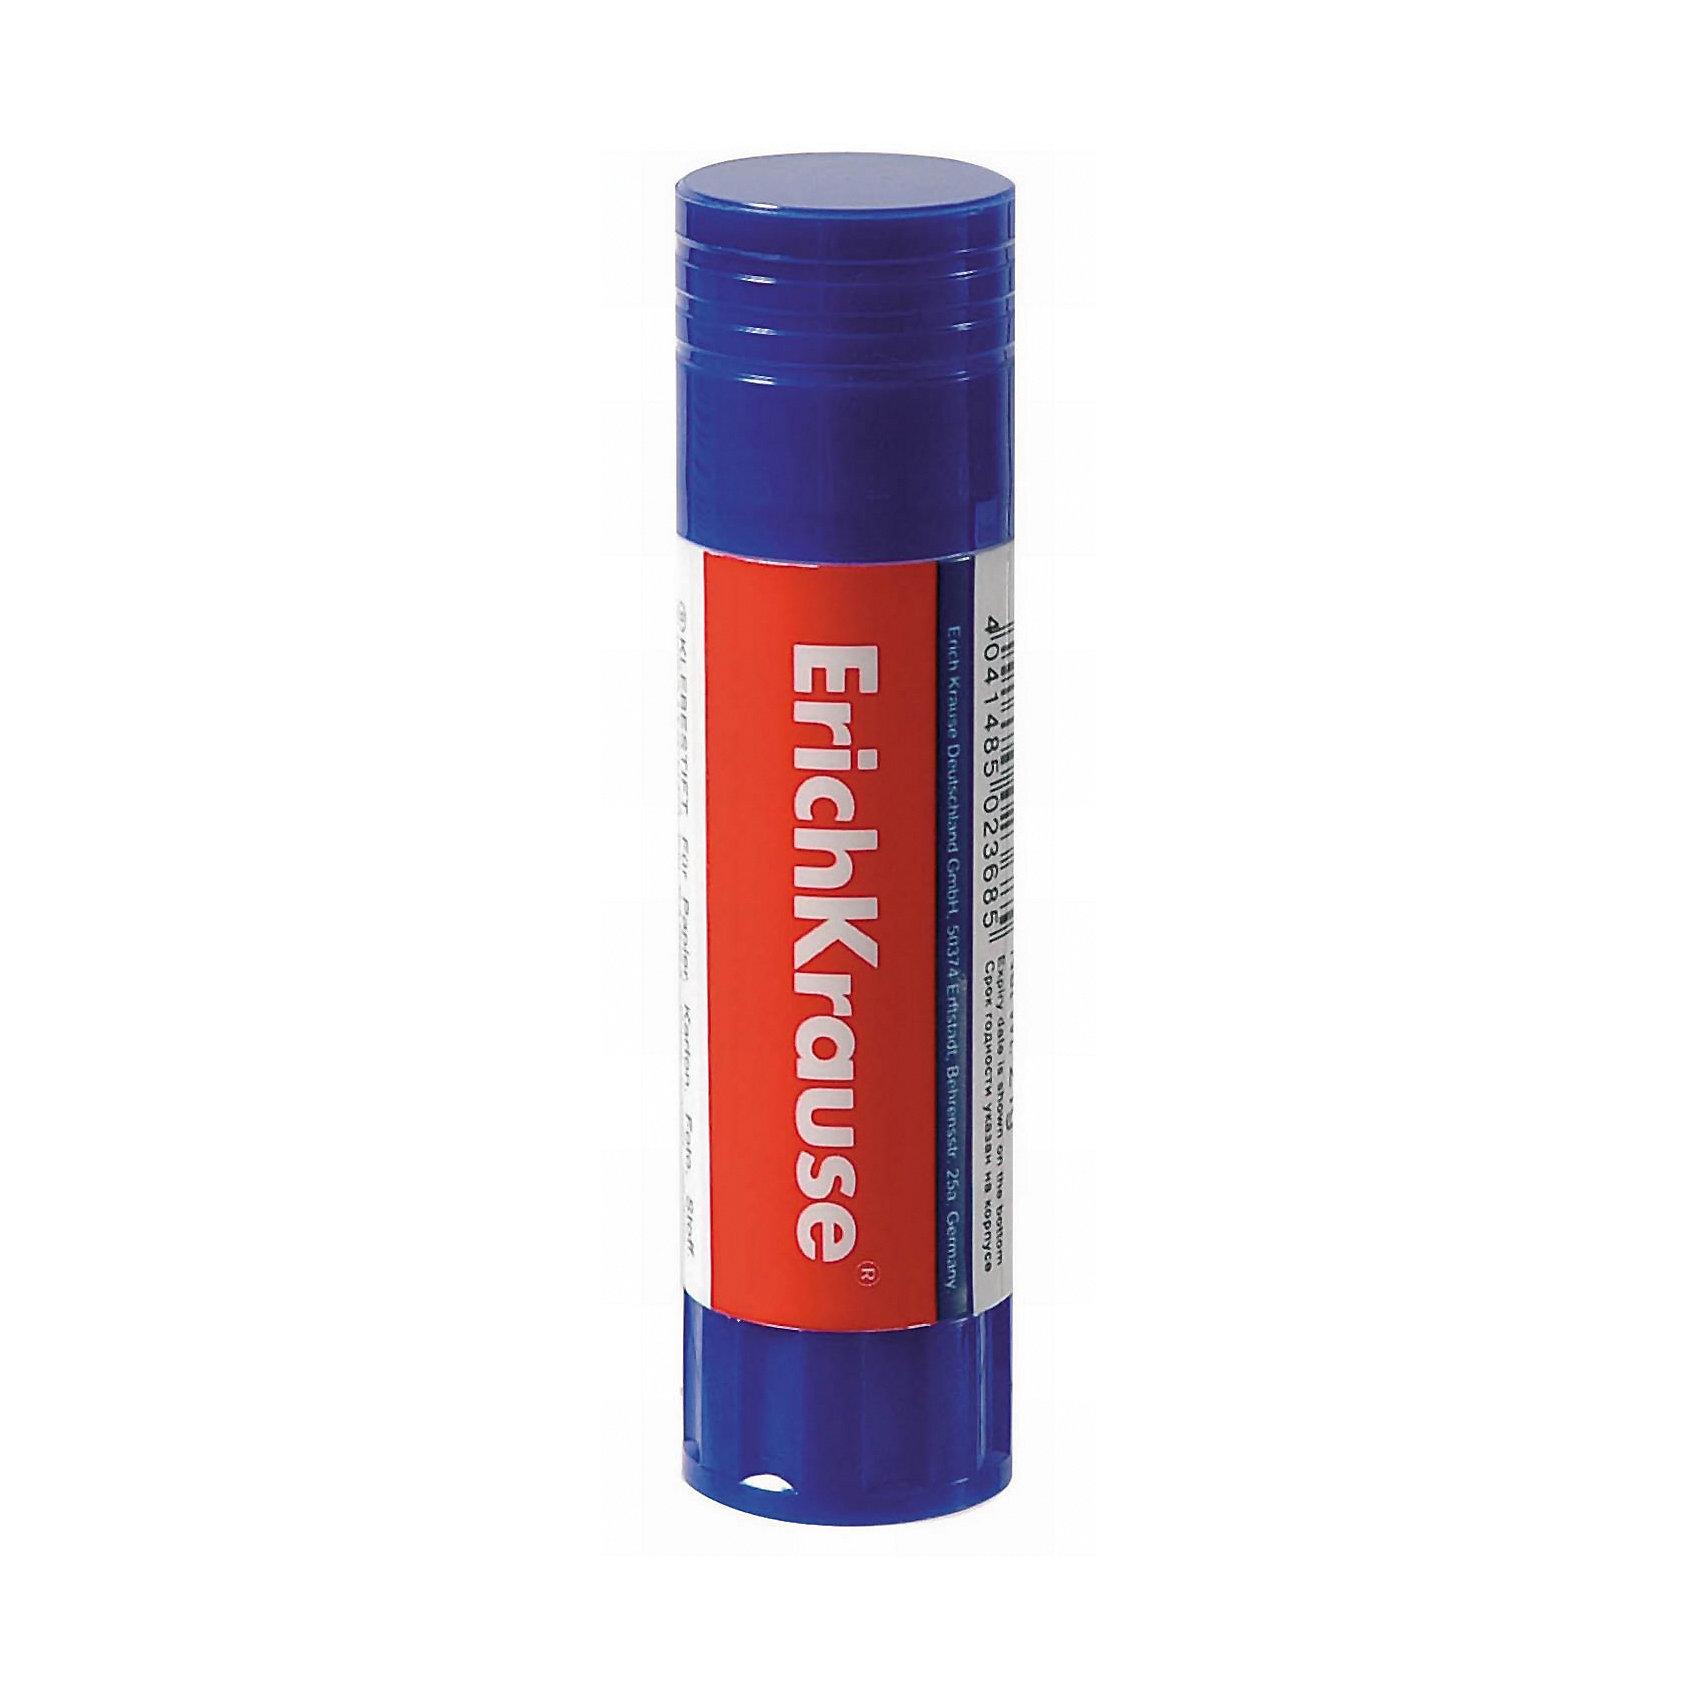 Клей-карандаш 21 г., Erich KrauseШкольные аксессуары<br>Клей-карандаш 21 г., Erich Krause (Эрих Краузе). <br><br>Характеристика: <br><br>• Материал: пластик, клей. <br>• Объем: 21 г.<br>• Размер упаковки: 2,5 x 2,5 x 10 см.<br>• Подходит для бумаги, картона, ткани. <br>• Не деформирует бумагу. <br>• Нетоксичный состав. <br>• Быстро сохнет, не оставляет разводов, легко смывается с рук.<br><br>Клей-карандаш Erich Krause отлично склеивает бумагу, картона, ткань; быстро сохнет, не имеет резкого запаха, безопасен при использовании по назначению Клей не оставляет разводов, легко смывается с рук, не деформирует бумагу.<br><br>Клей-карандаш 21 г., Erich Krause (Эрих Краузе), можно купить в нашем интернет-магазине.<br><br>Ширина мм: 25<br>Глубина мм: 97<br>Высота мм: 25<br>Вес г: 70<br>Возраст от месяцев: 84<br>Возраст до месяцев: 2147483647<br>Пол: Унисекс<br>Возраст: Детский<br>SKU: 5436341